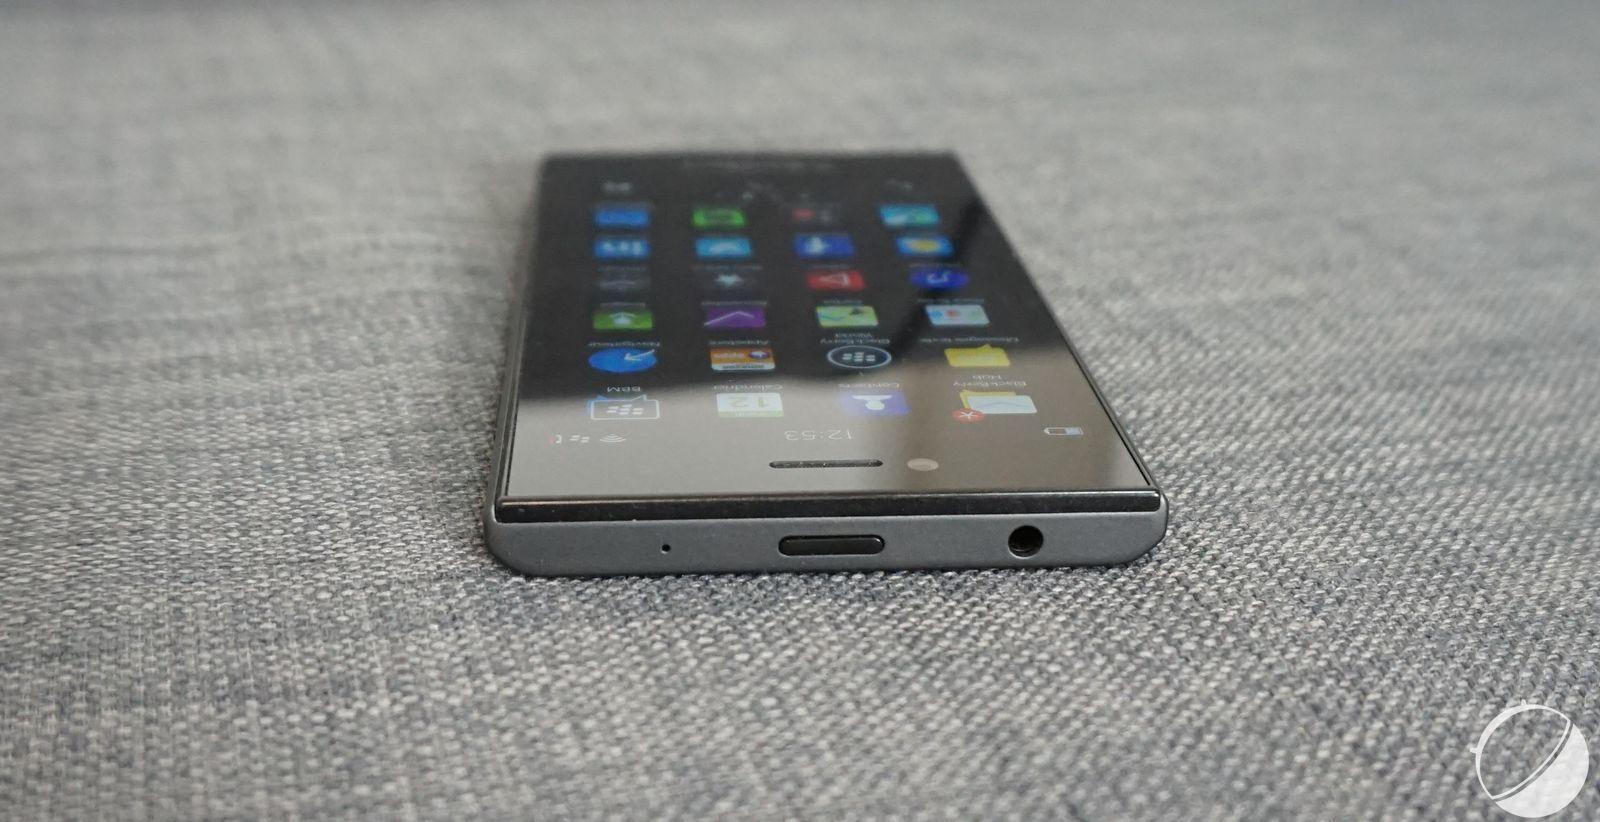 Prise en main du BlackBerry Leap : un Z30 légèrement remanié - FrAndroid